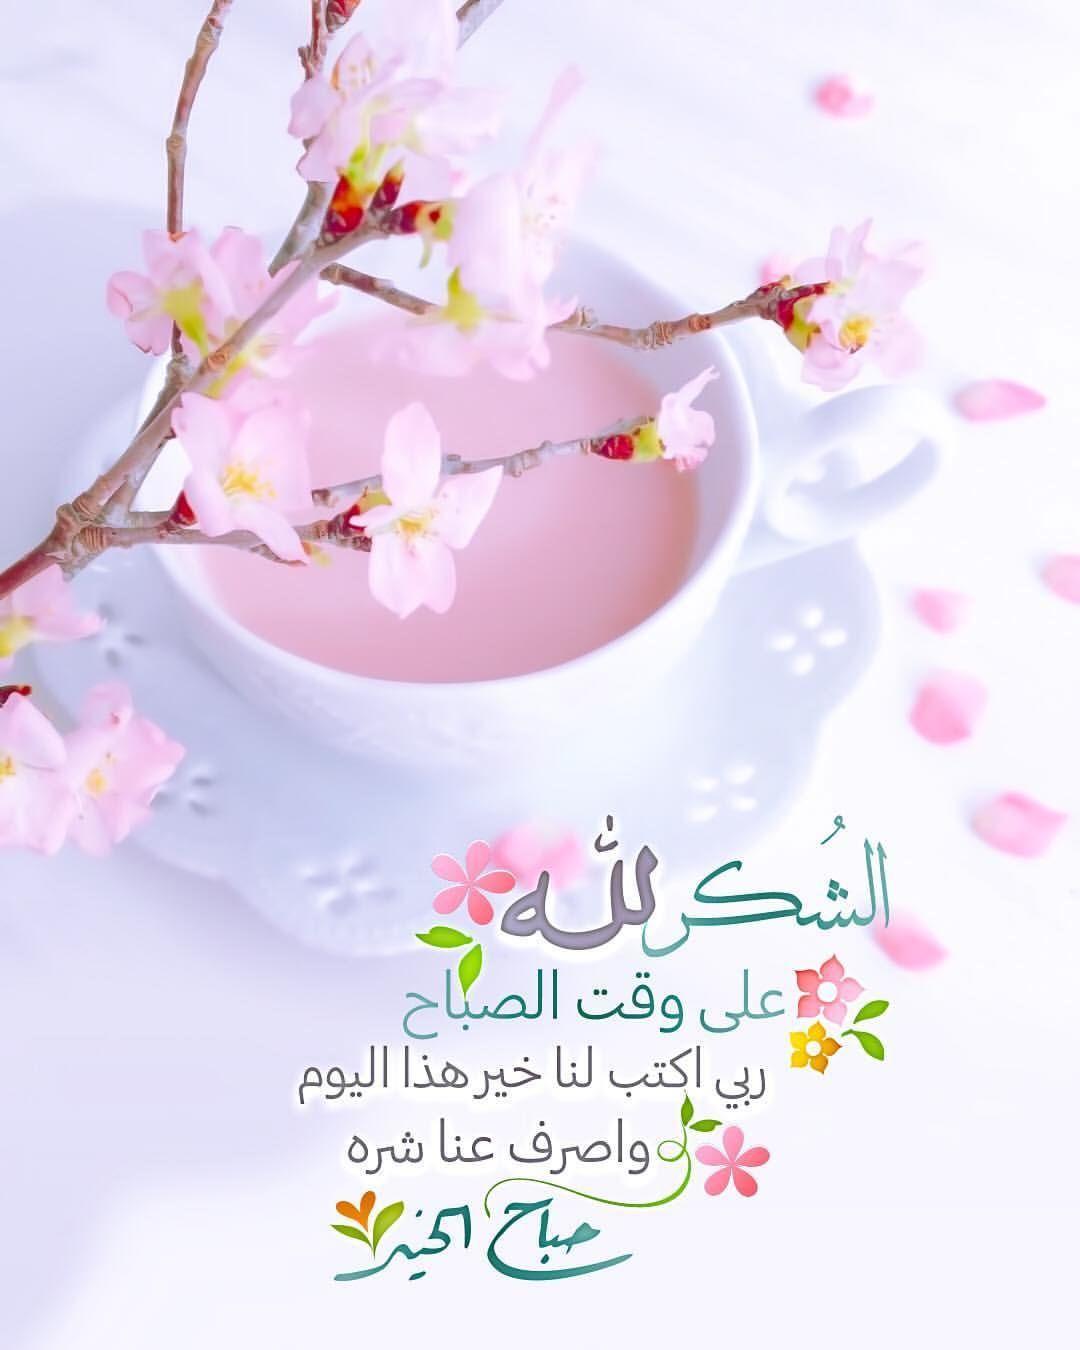 الشكر لله على Good Morning Arabic Beautiful Morning Messages Good Morning Photos